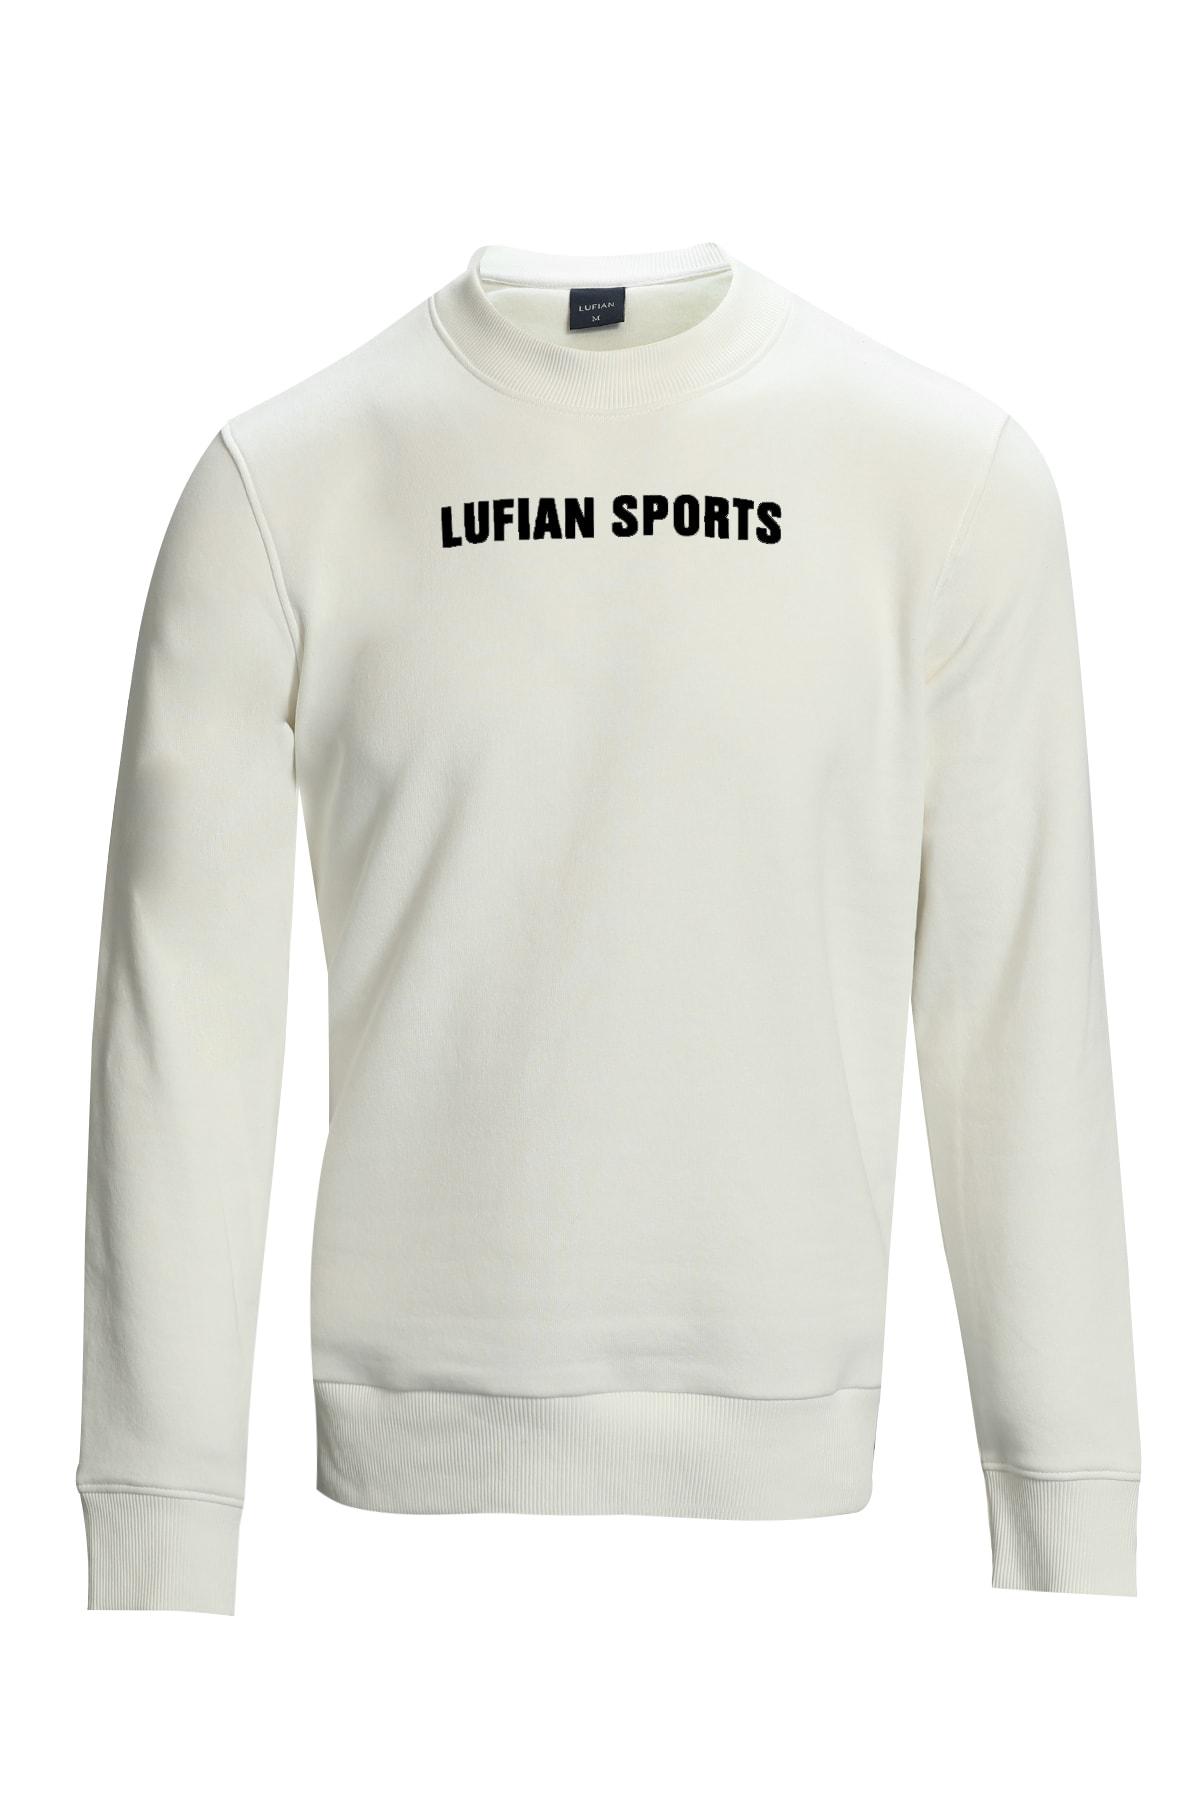 Lufian Star Sweatshirt Kırık Beyaz 1